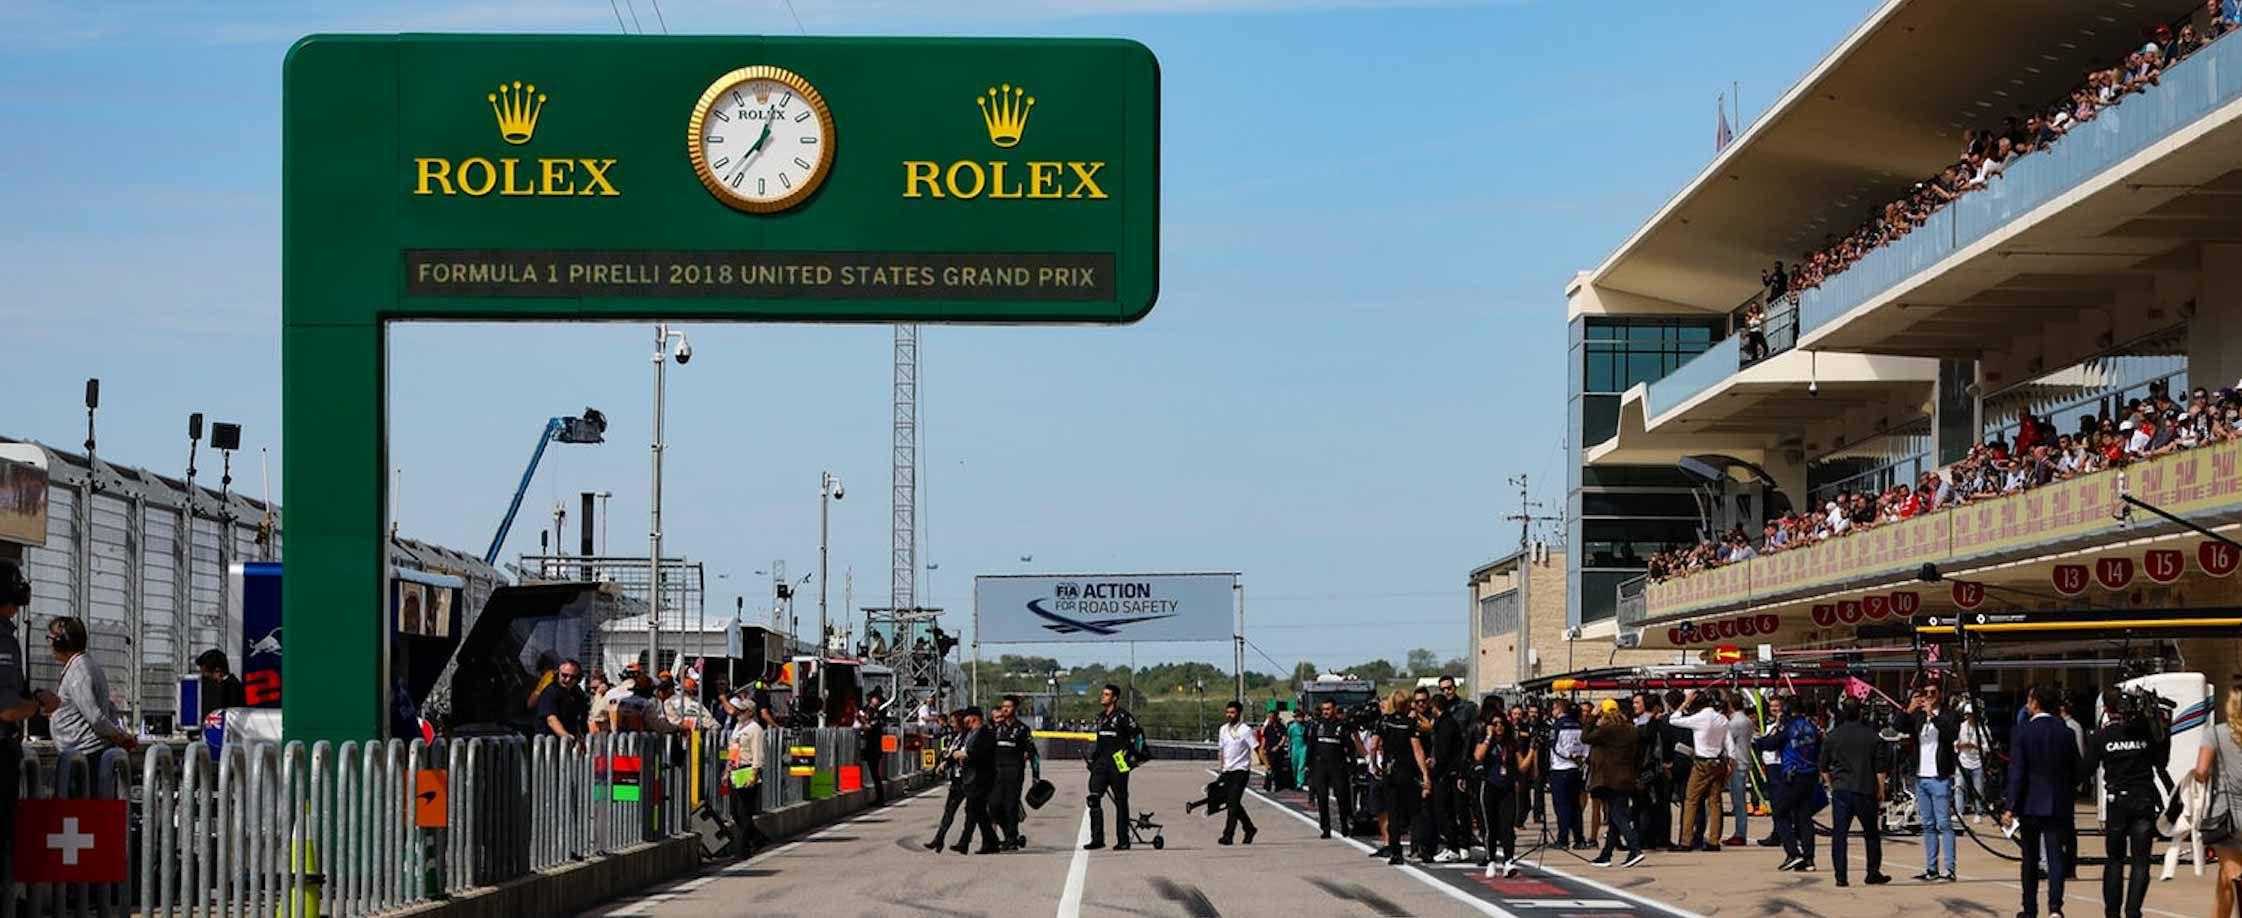 劳力士手表才是一级方程式赛车运动的最佳拍档